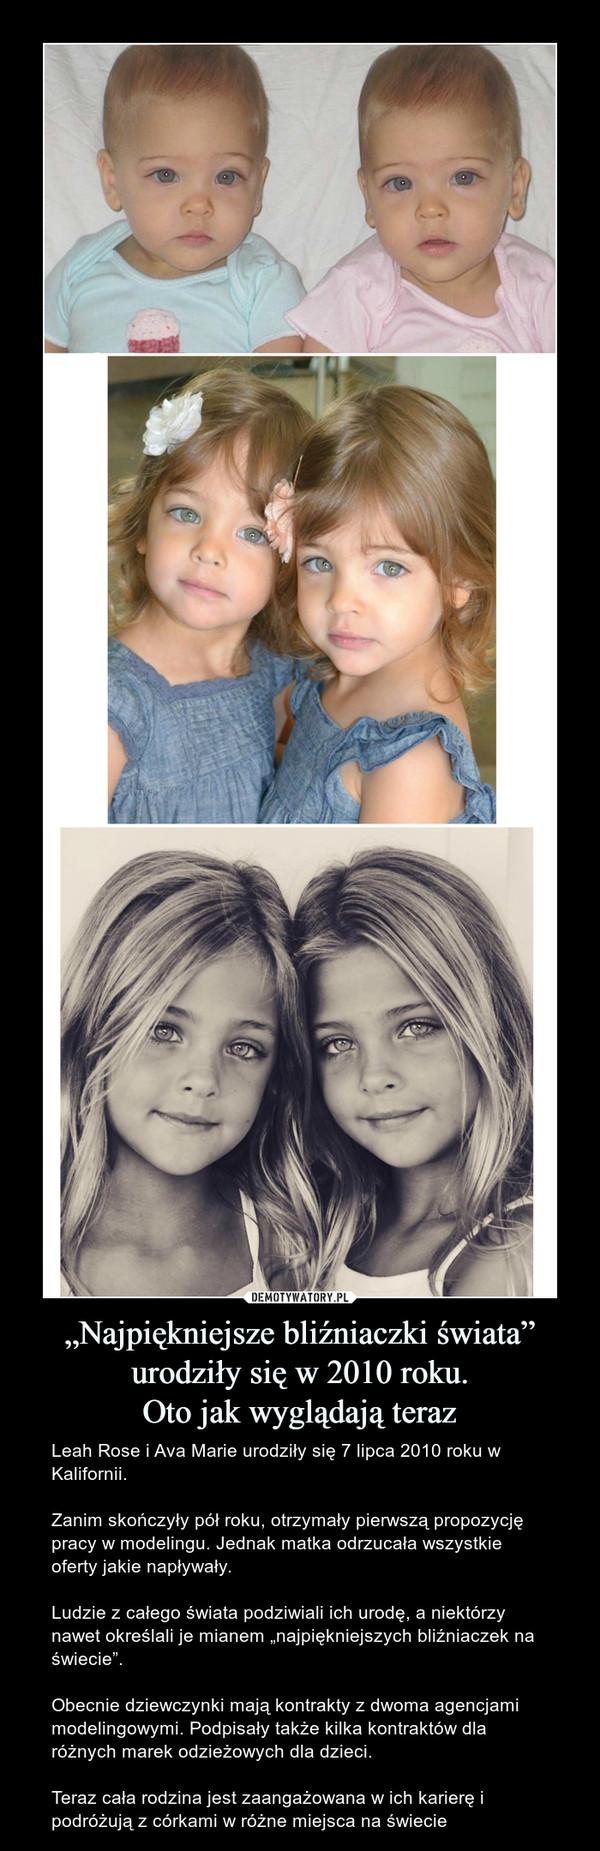 """""""Najpiękniejsze bliźniaczki świata"""" urodziły się w 2010 roku.Oto jak wyglądają teraz – Leah Rose i Ava Marie urodziły się 7 lipca 2010 roku w Kalifornii.Zanim skończyły pół roku, otrzymały pierwszą propozycję pracy w modelingu. Jednak matka odrzucała wszystkie oferty jakie napływały.Ludzie z całego świata podziwiali ich urodę, a niektórzy nawet określali je mianem """"najpiękniejszych bliźniaczek na świecie"""".Obecnie dziewczynki mają kontrakty z dwoma agencjami modelingowymi. Podpisały także kilka kontraktów dla różnych marek odzieżowych dla dzieci.Teraz cała rodzina jest zaangażowana w ich karierę i podróżują z córkami w różne miejsca na świecie"""